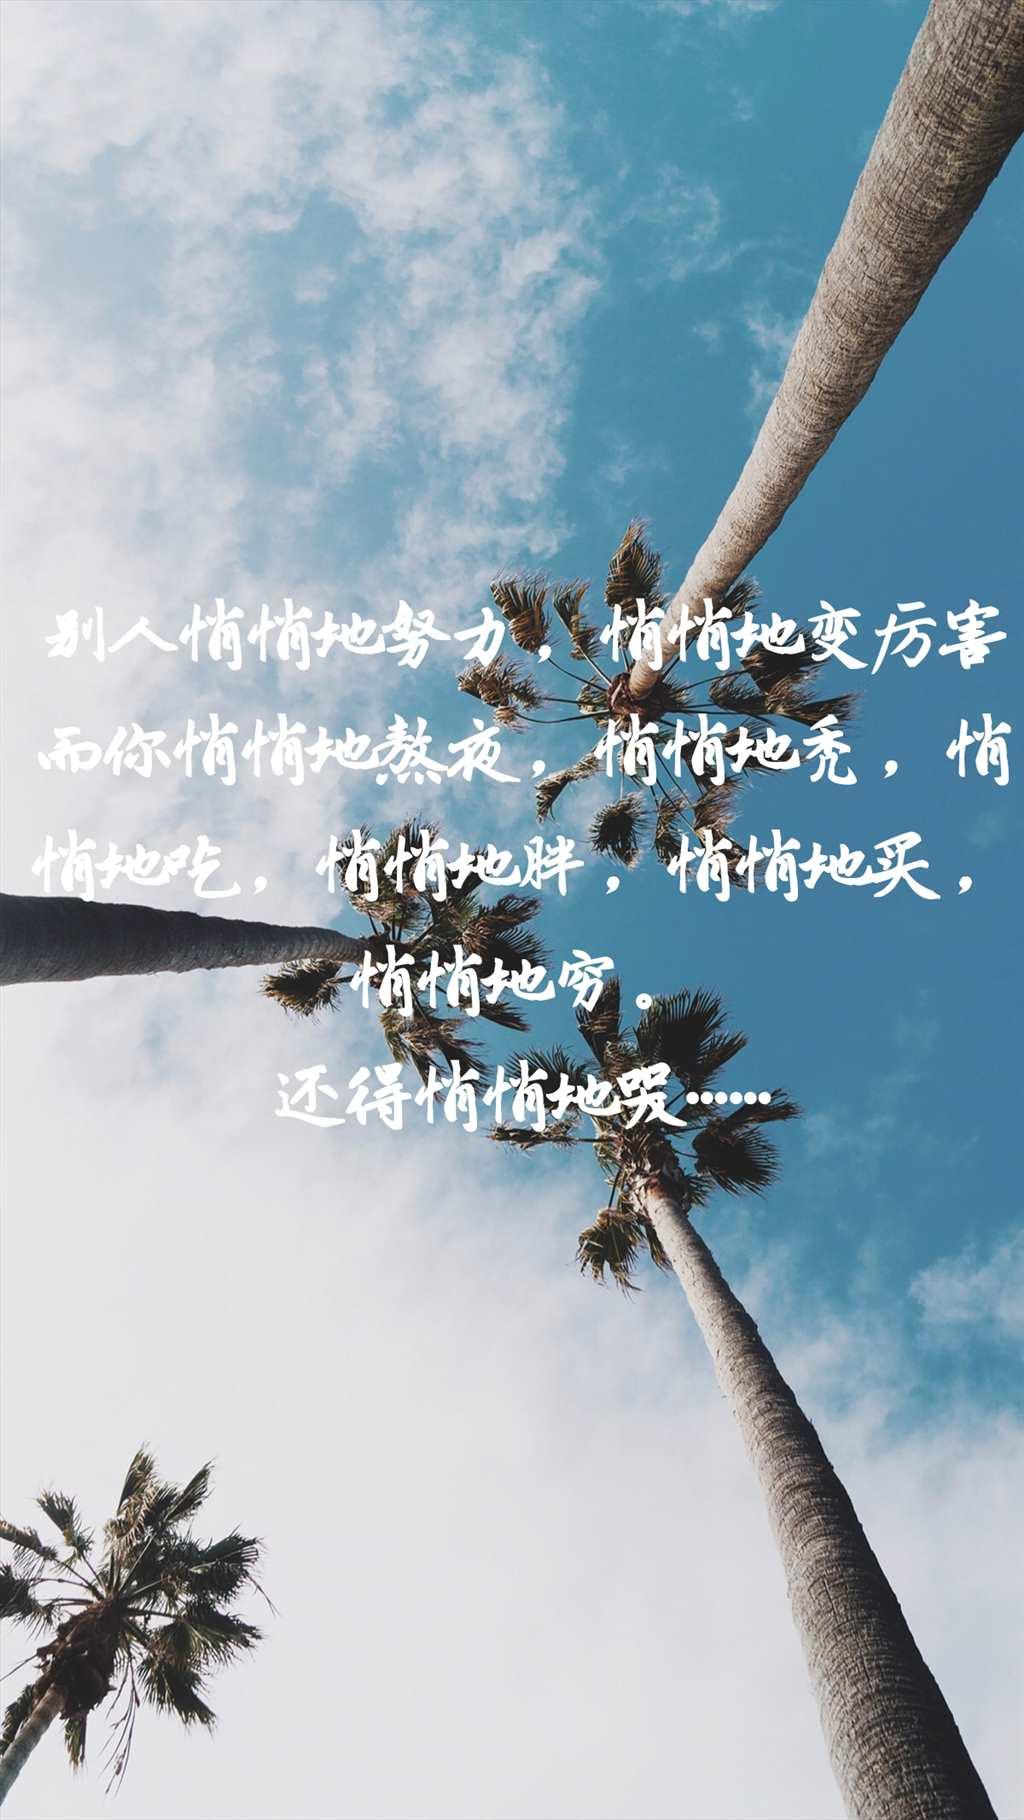 分手伤感图片带字图片#天空#伤感#带字